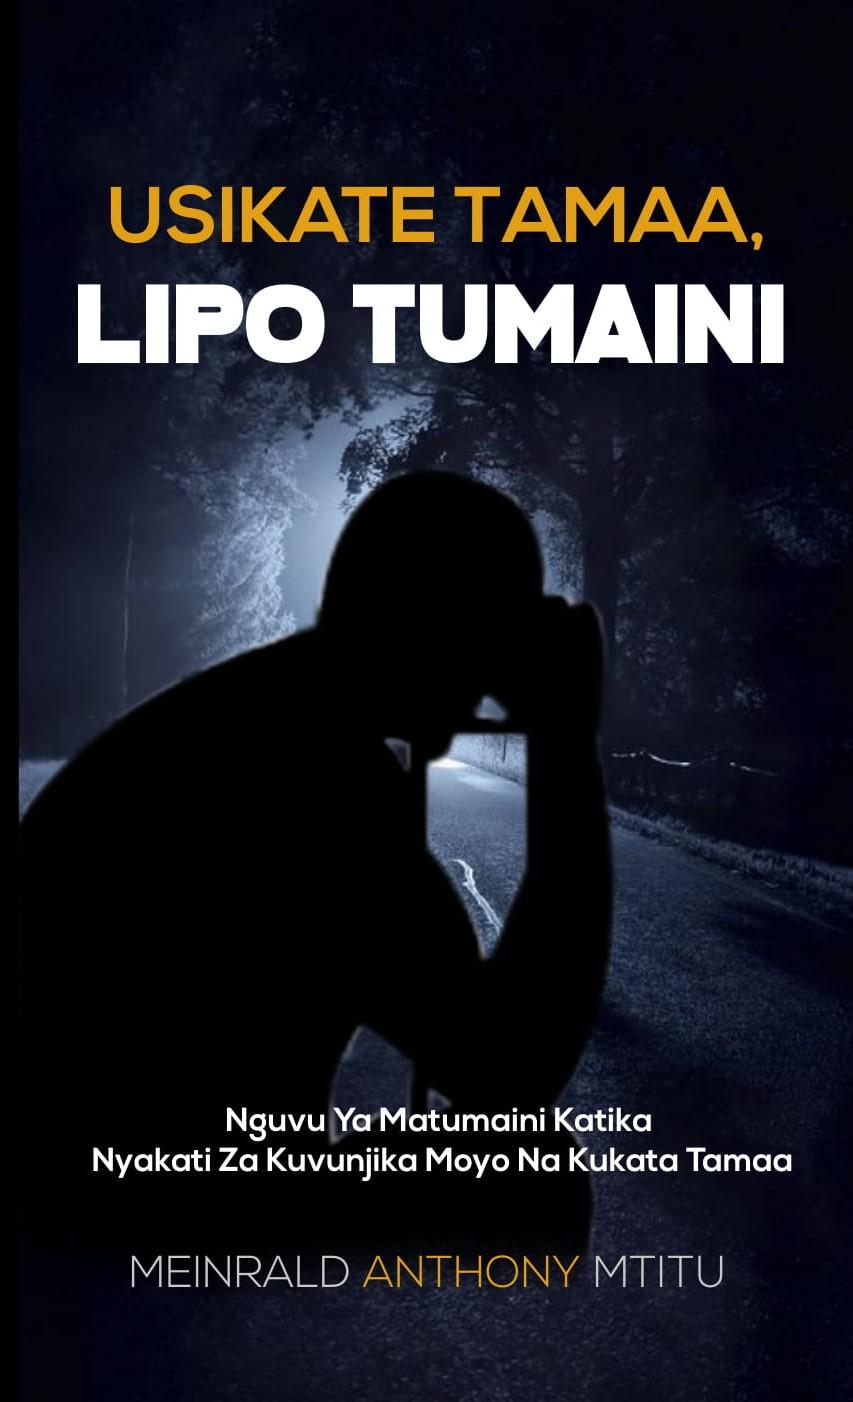 USIKATE TAMAA, LIPO TUMAINI